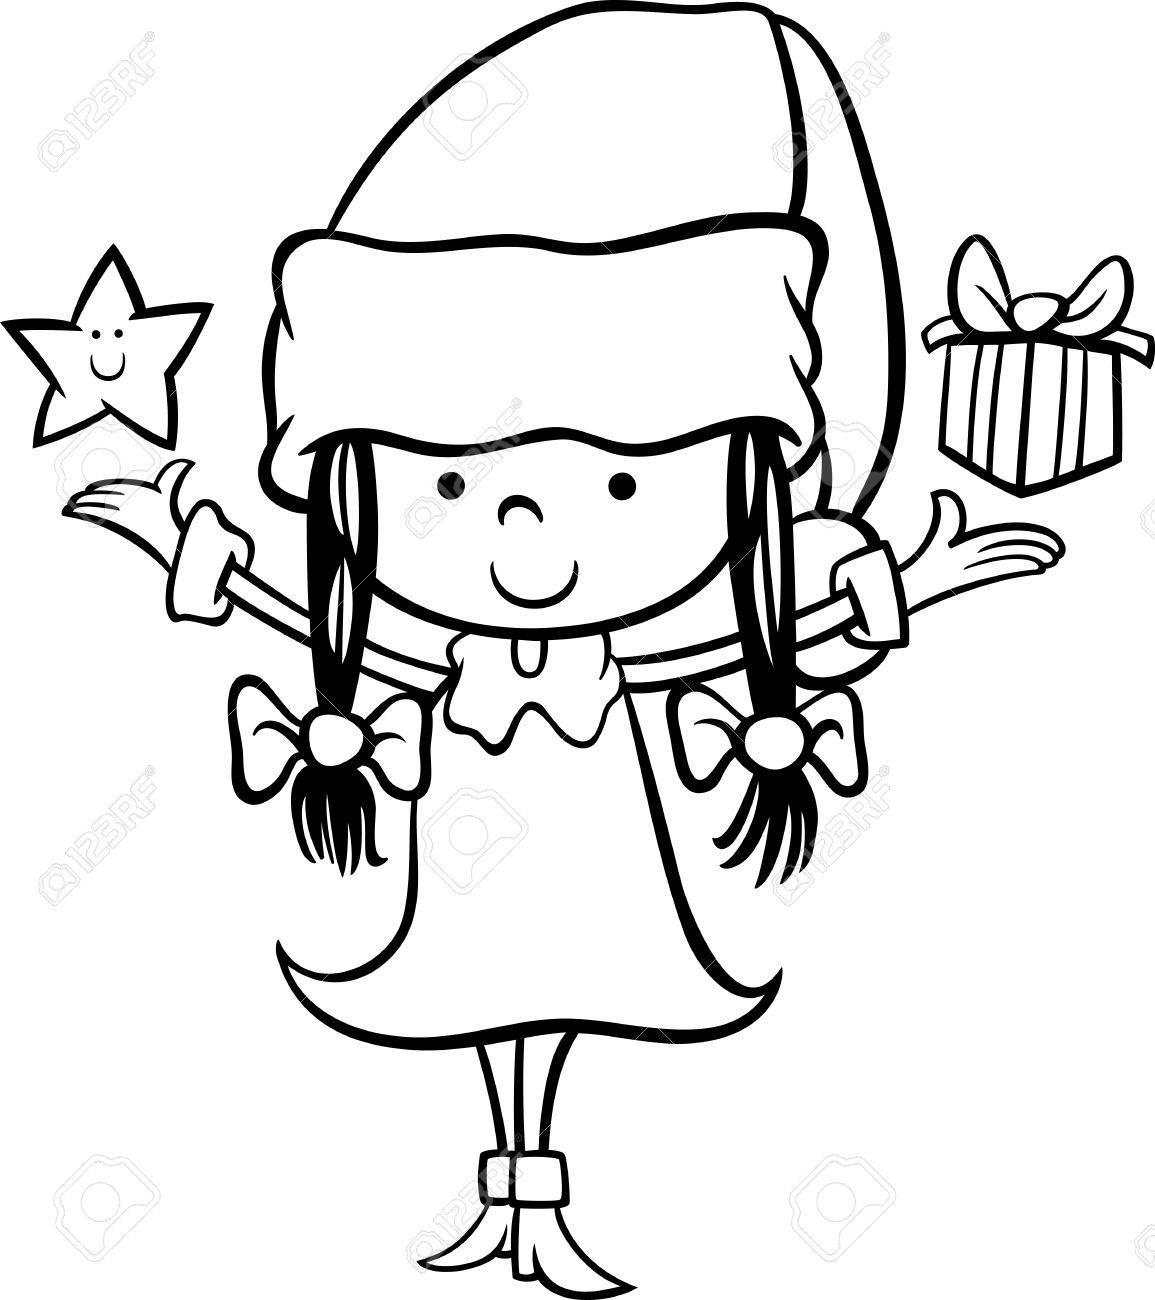 Schwarz Und Weiß Karikatur Illustration Von Santa Claus Mädchen ...